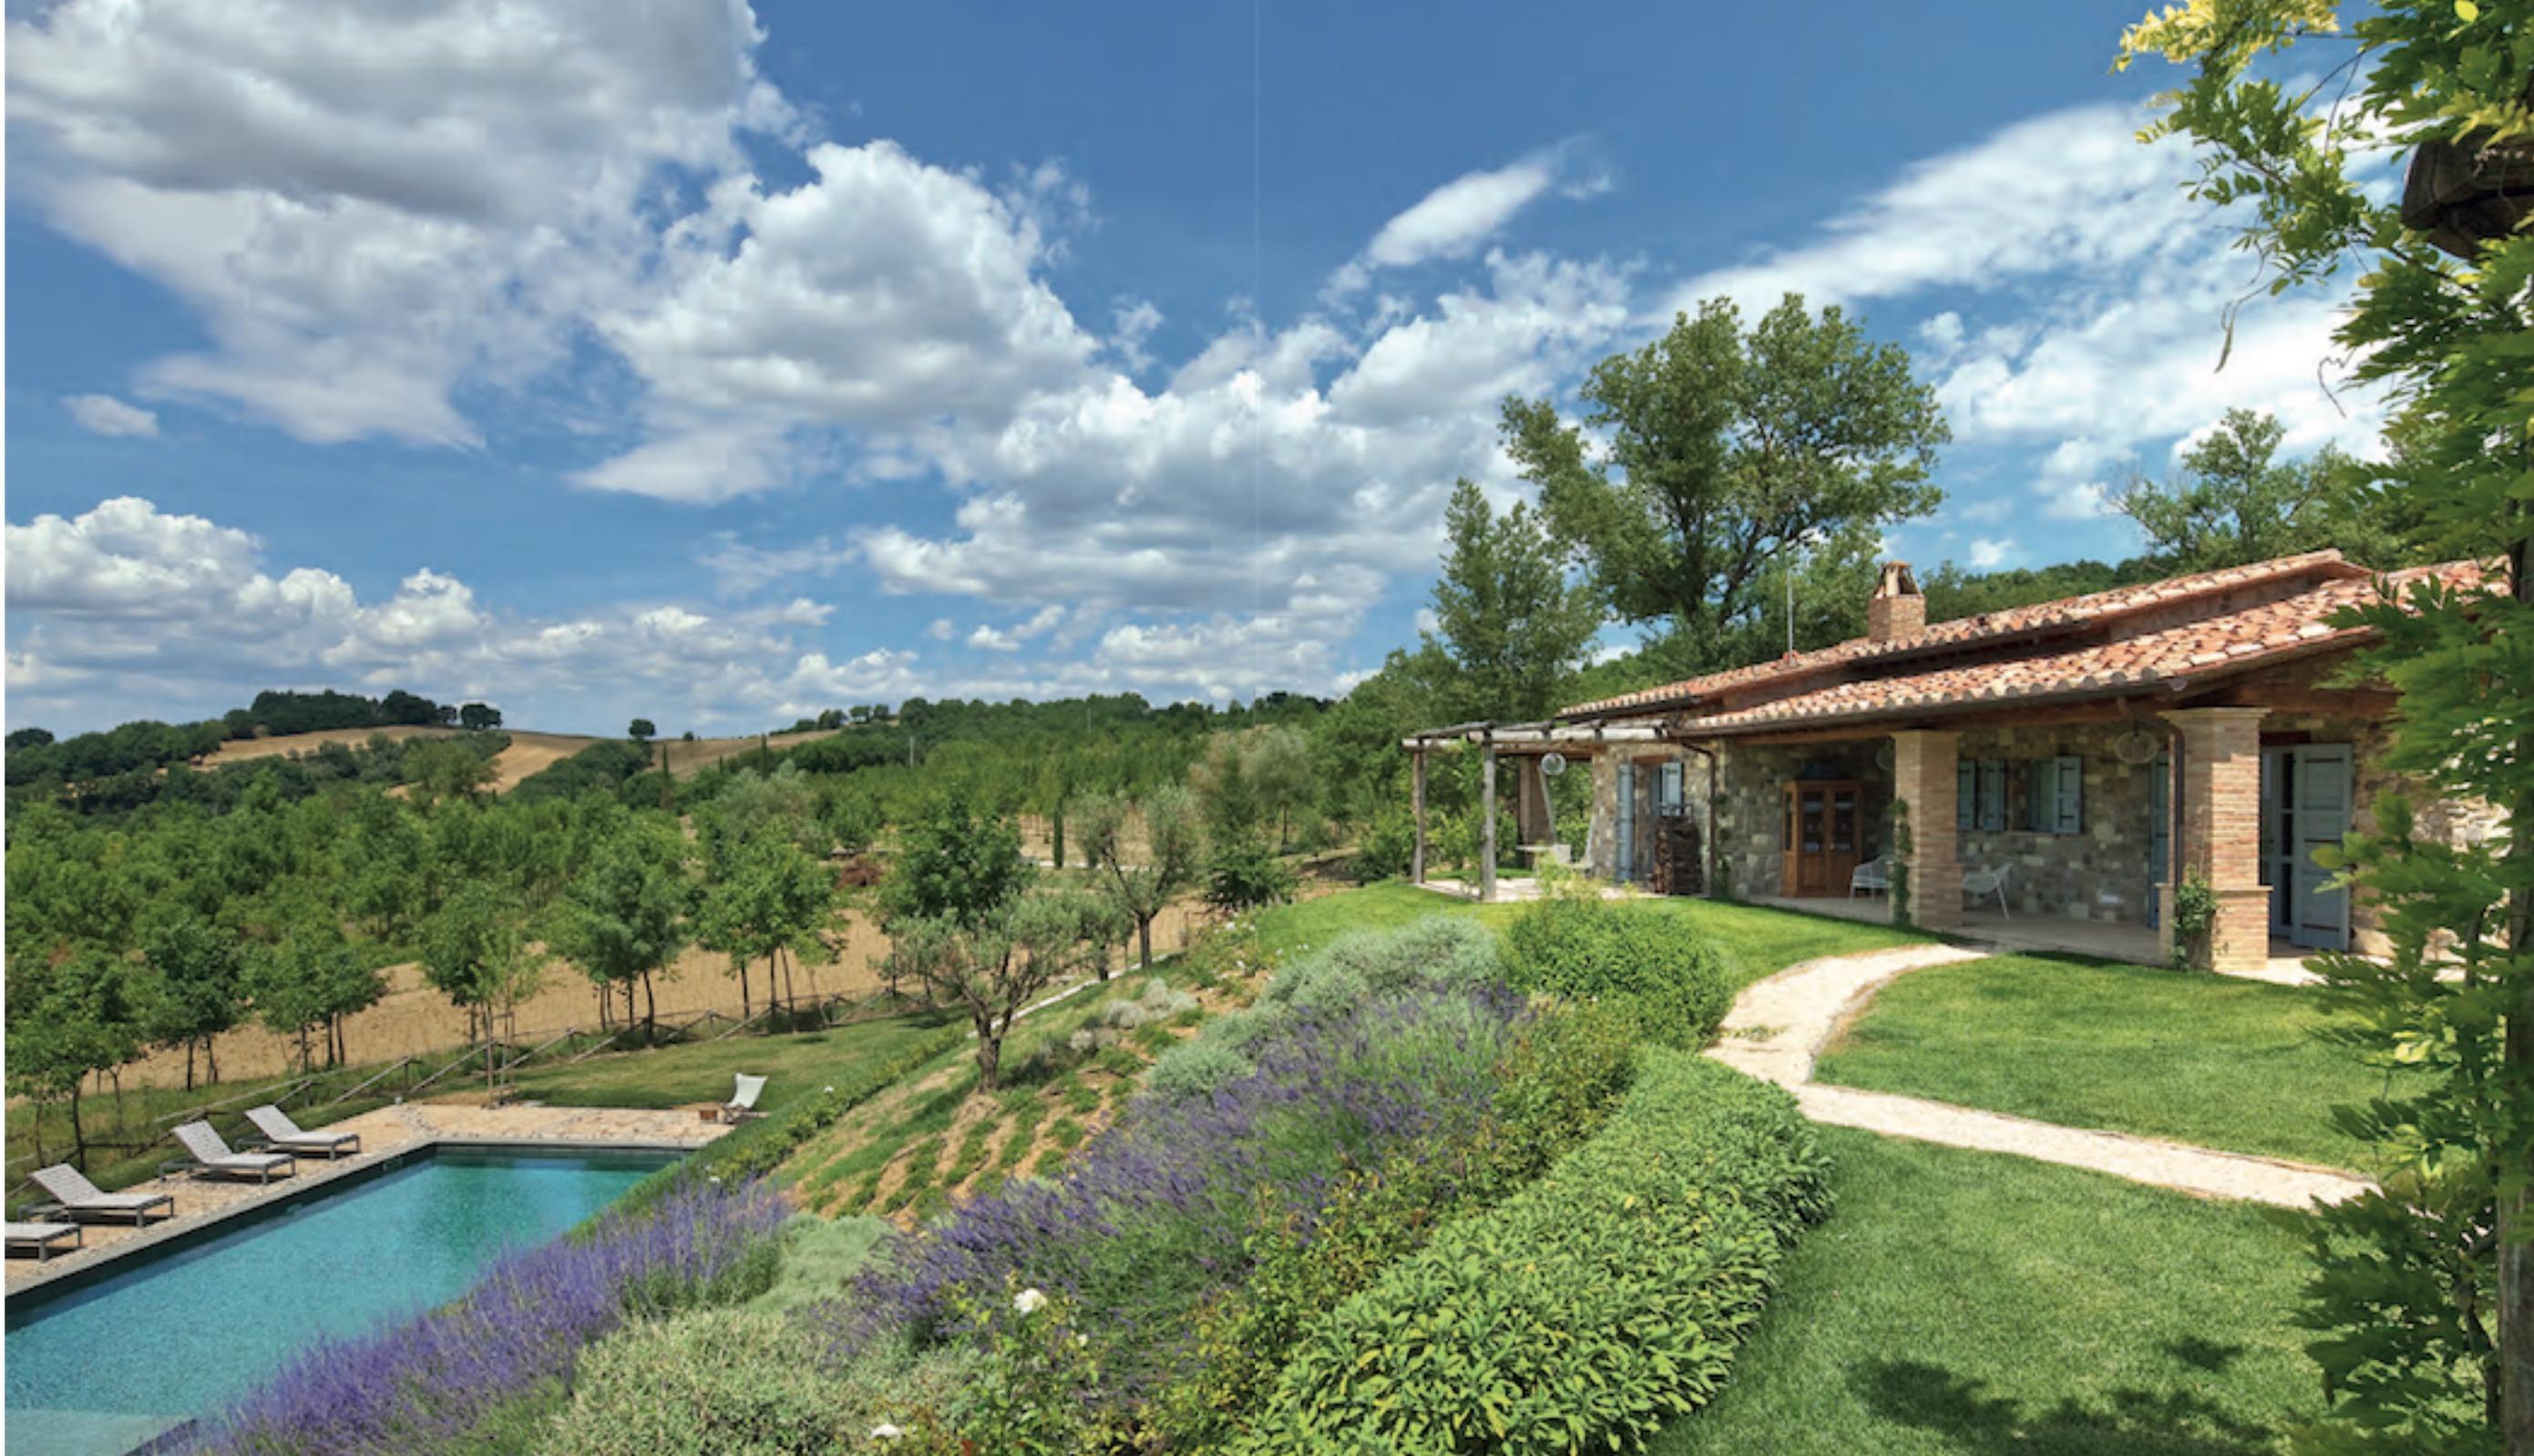 Giardini di campagna idea creativa della casa e dell for Architettura della casa di campagna